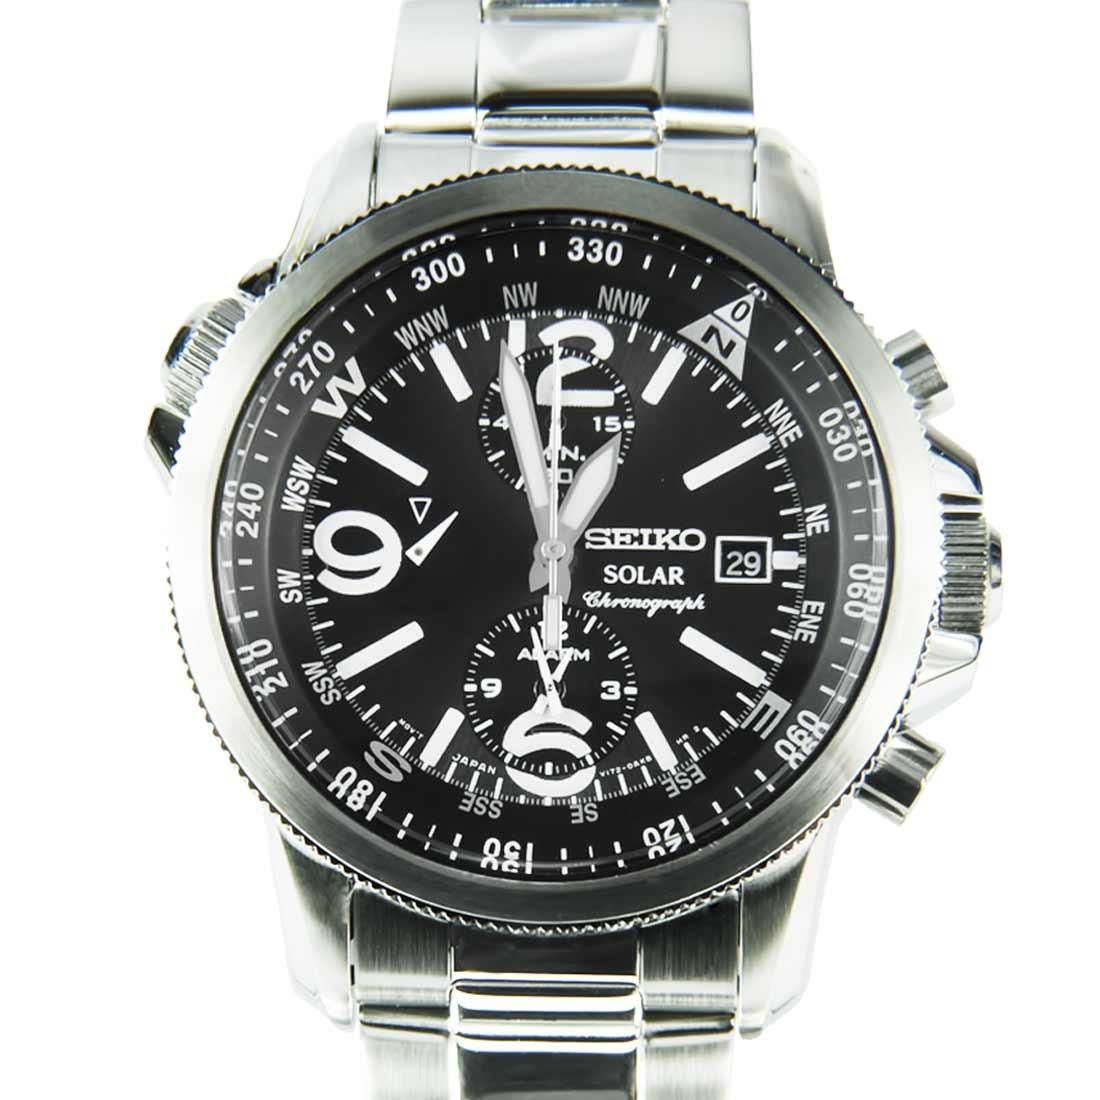 นาฬิกา Seiko Men Chronograph Solar System สายหนัง seiko ssc075P สาย Stainless